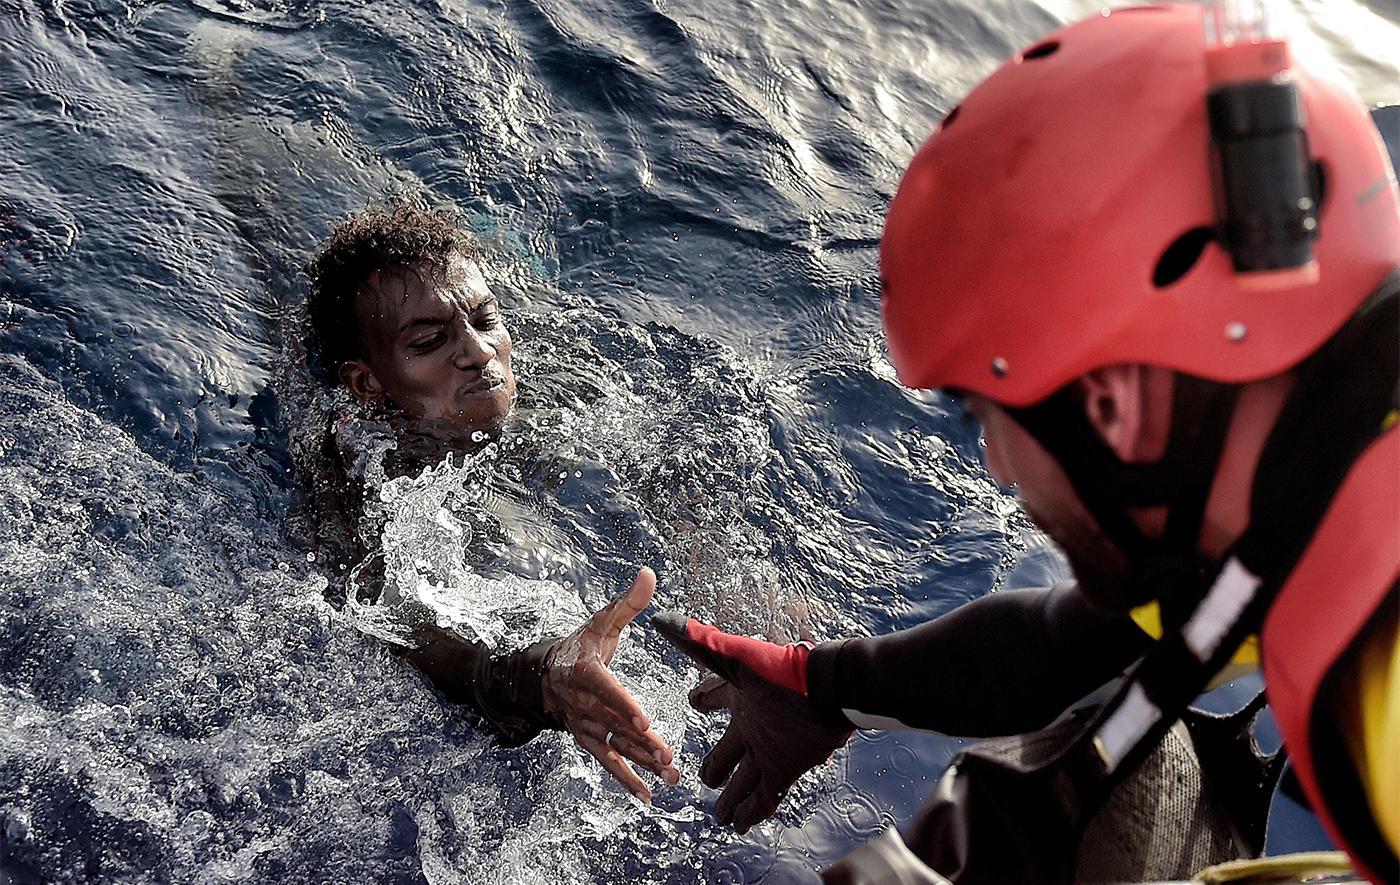 Ein Migrant wird am 3. Oktober 2016 von einem Mitglied der Nichtregierungsorganisation Proactive Open Arms aus dem Mittelmeer, etwa 20 Meilen nördlich von Libyen, gerettet.